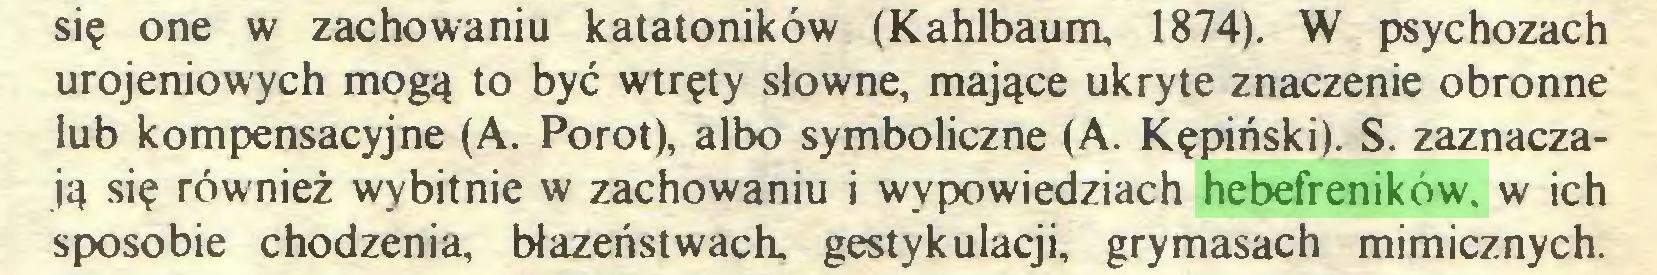 (...) się one w zachowaniu katatoników (Kahlbaum, 1874). W psychozach urojeniowych mogą to być wtręty słowne, mające ukryte znaczenie obronne lub kompensacyjne (A. Porot), albo symboliczne (A. Kępiński). S. zaznaczają się również wybitnie w zachowaniu i wypowiedziach hebefreników. w ich sposobie chodzenia, błazeństwach, gestykulacji, grymasach mimicznych...